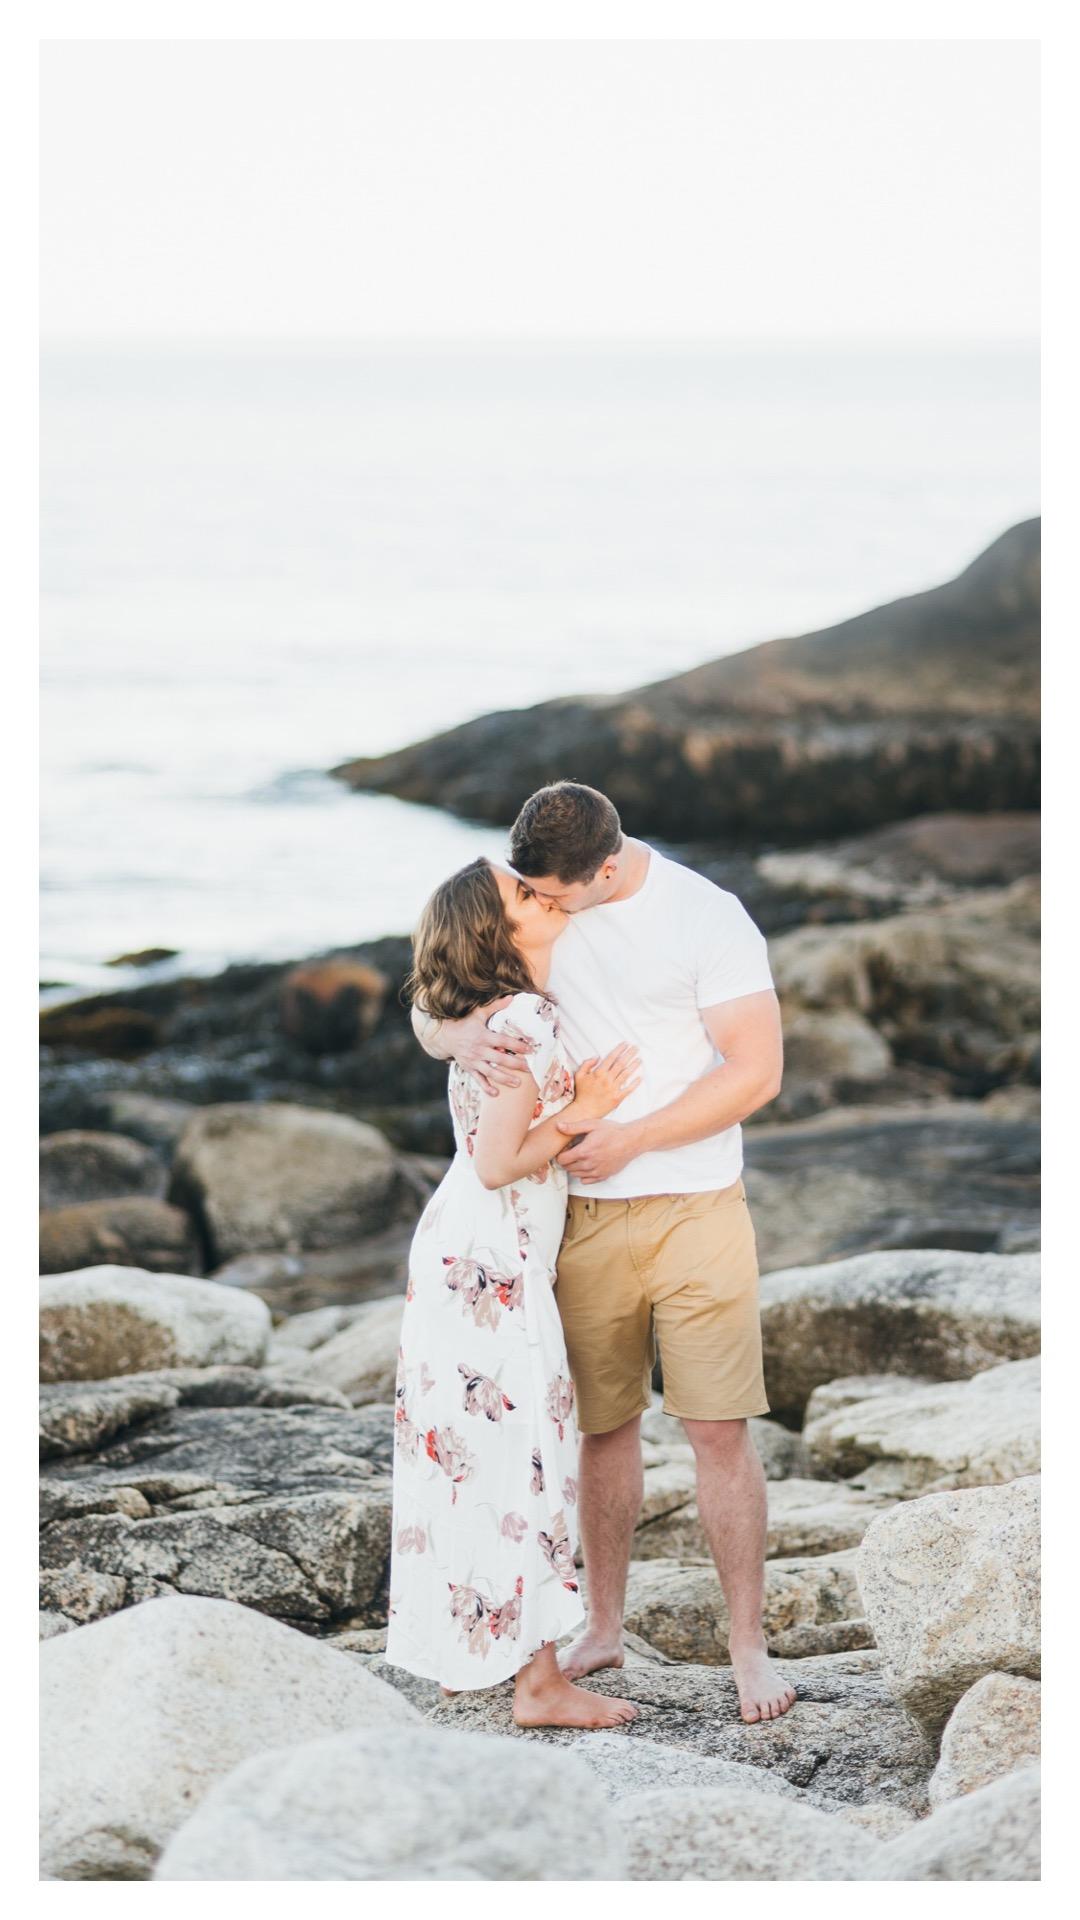 Jill & Talon's Golden Hour Engagement | Halifax Wedding Photographer